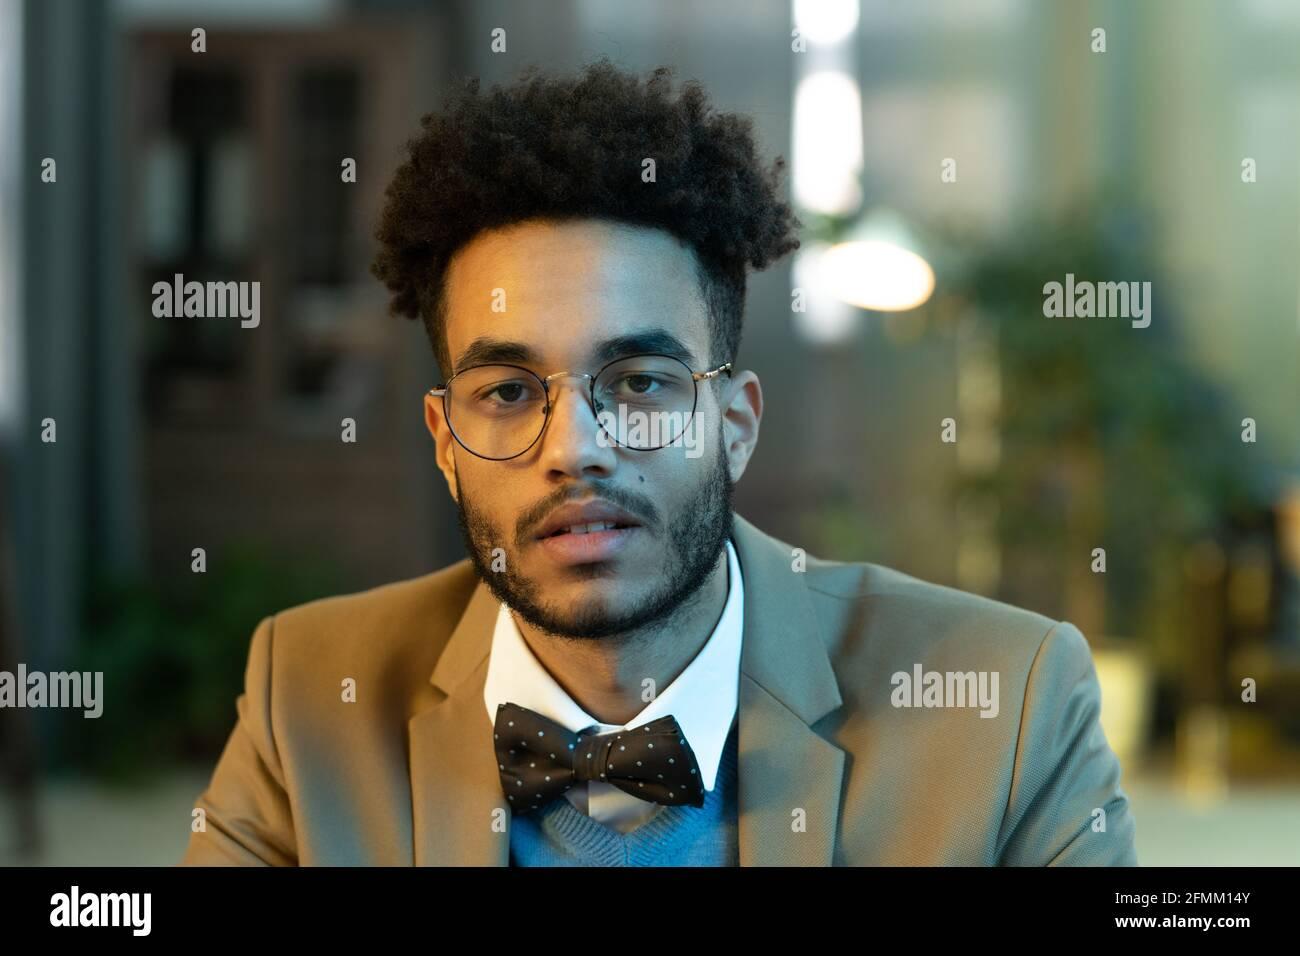 Portrait d'un jeune homme beau portant des cheveux bouclés afro lunettes rondes et noeud papillon au bureau Banque D'Images